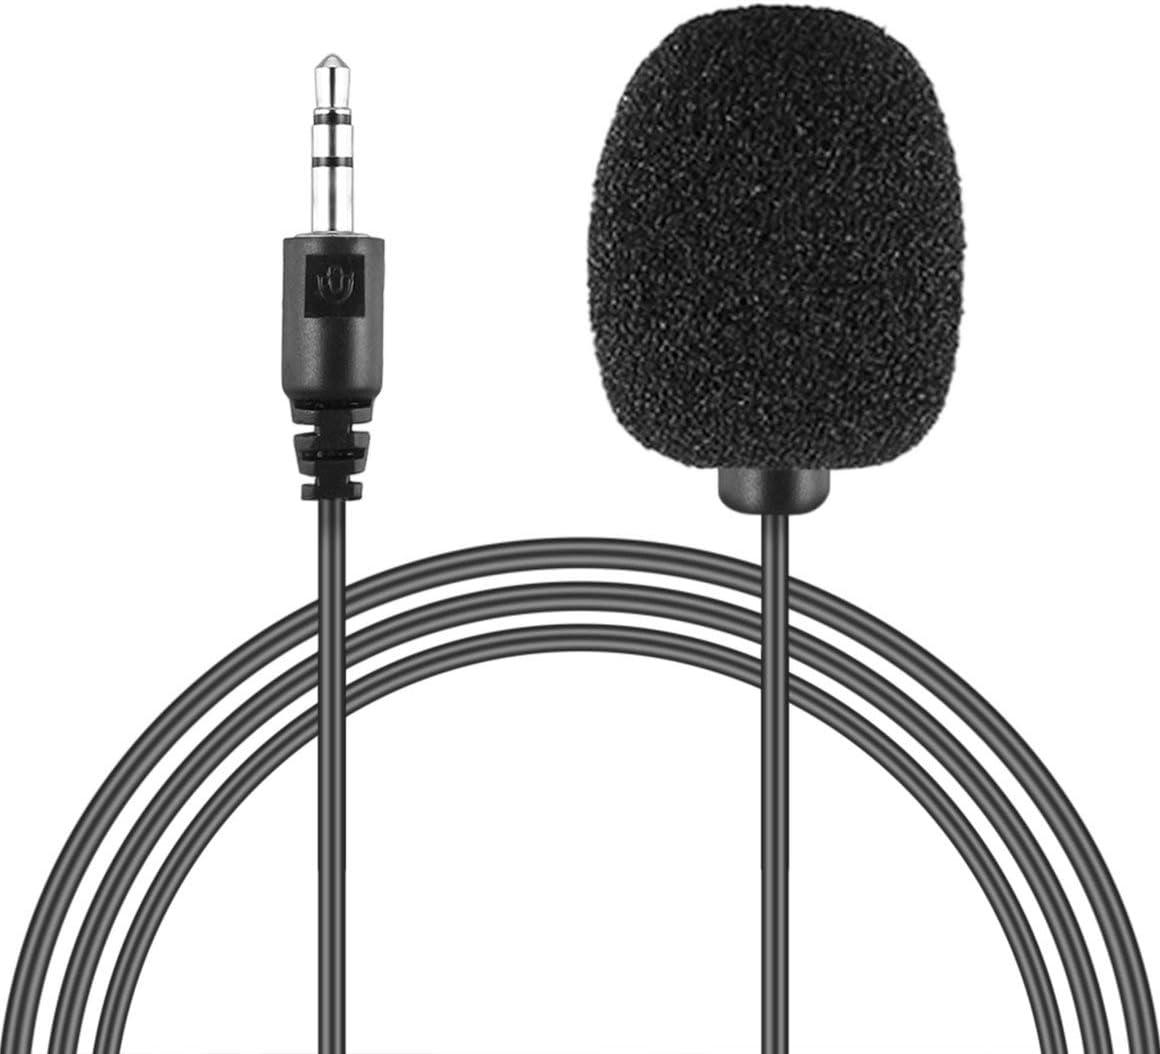 Funnyrunstore portátil Externo de 3,5 mm Manos Libres Mini con conexión de Cable Clip de Solapa Micrófono lavalier para PC Laptop Lound Speaker (Negro)